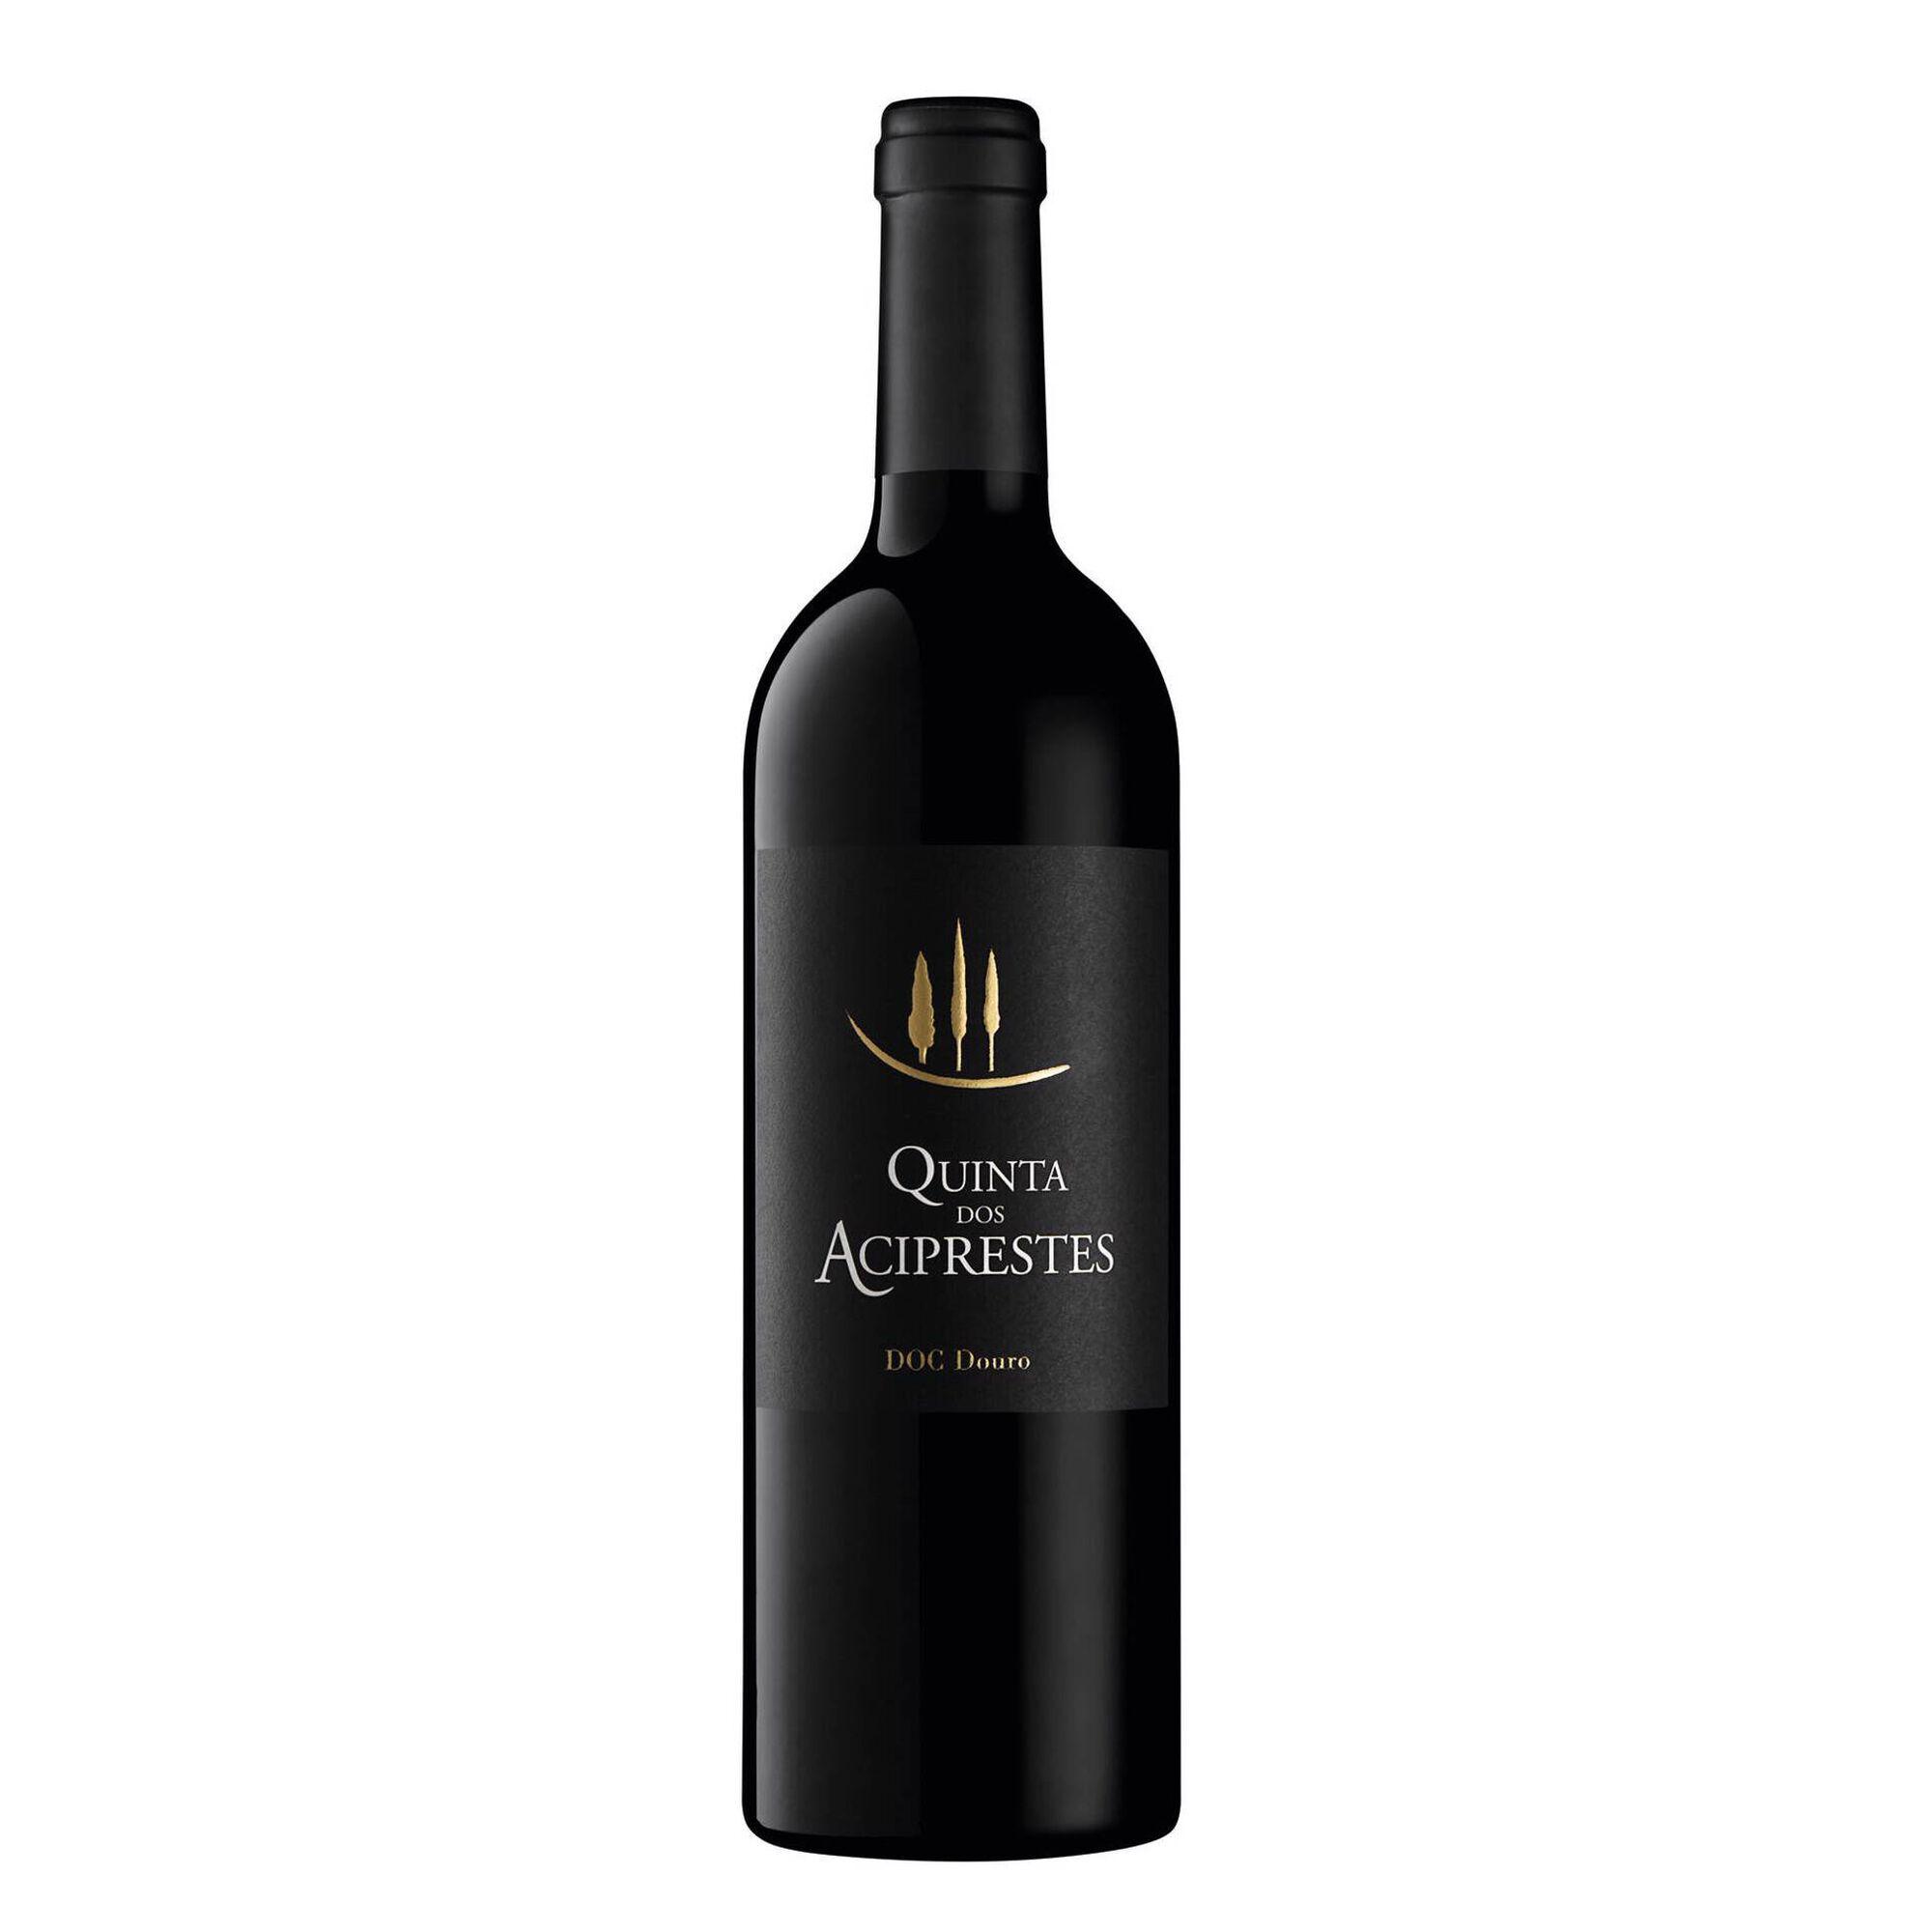 Quinta dos Aciprestes DOC Douro Vinho Tinto